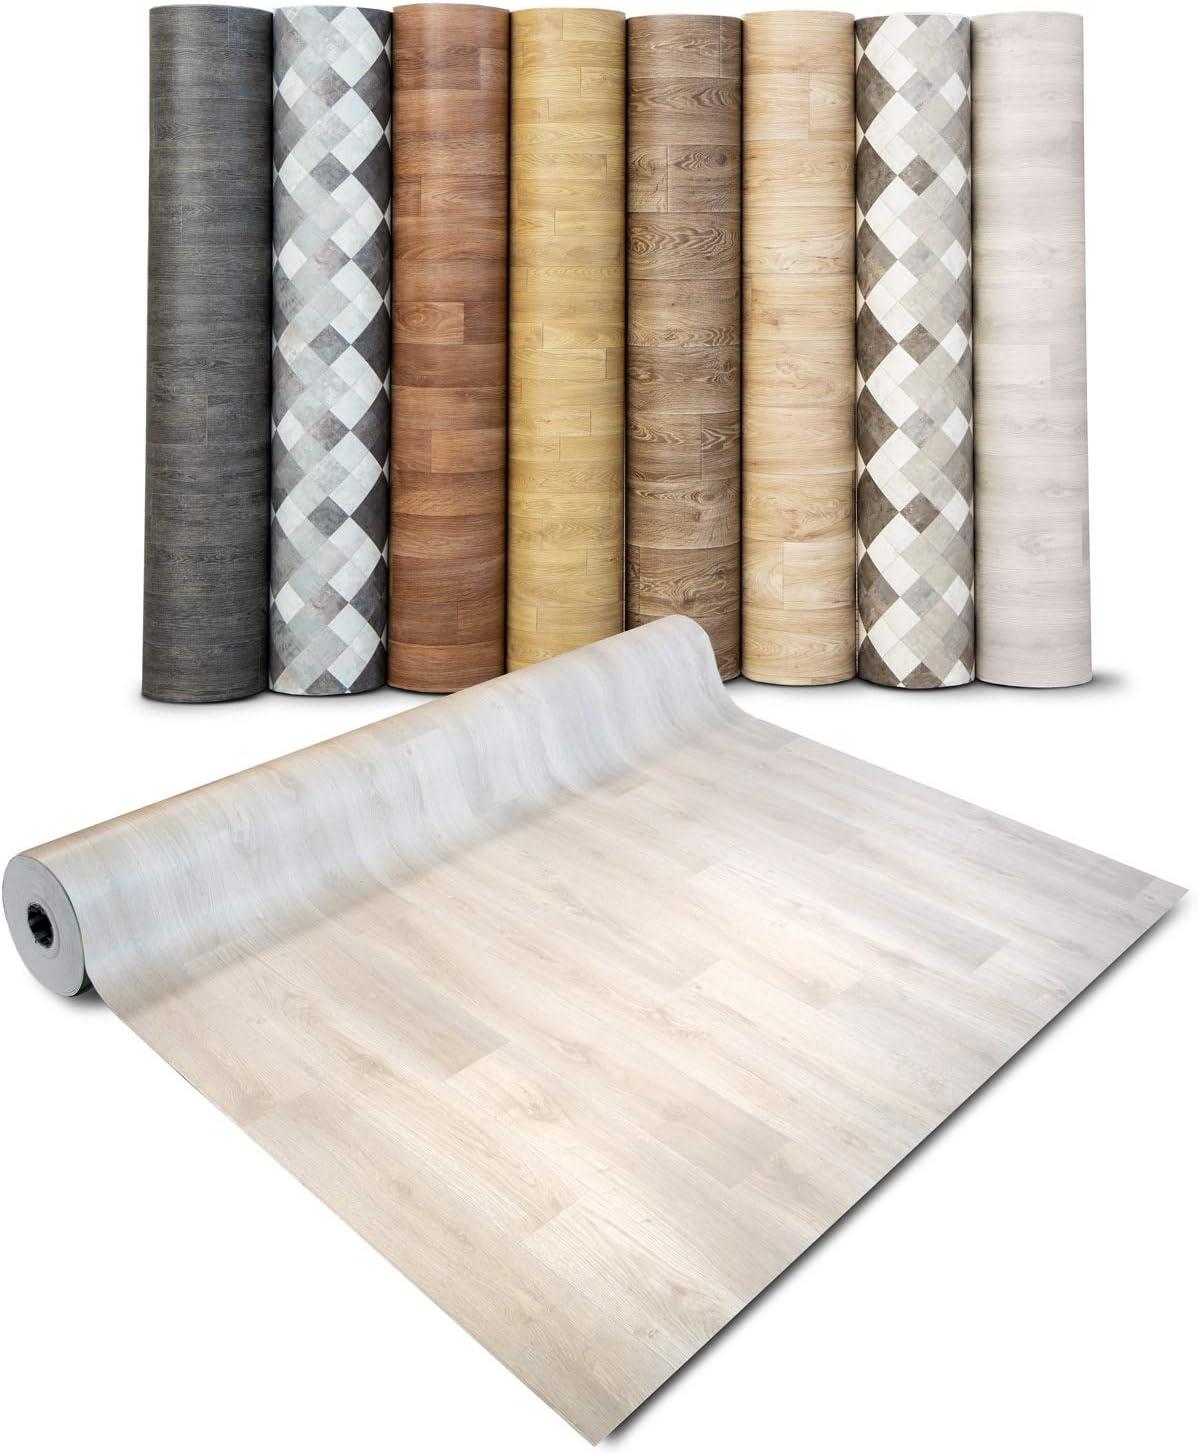 Film Vinyle Pour Meuble /& Sol Sol PVC Rouleau Antid/érapant /& 100/% /Écologique casa pura Rev/êtement Sol PVC Stickers Effet Bois Aspect H/être - 100x200 cm